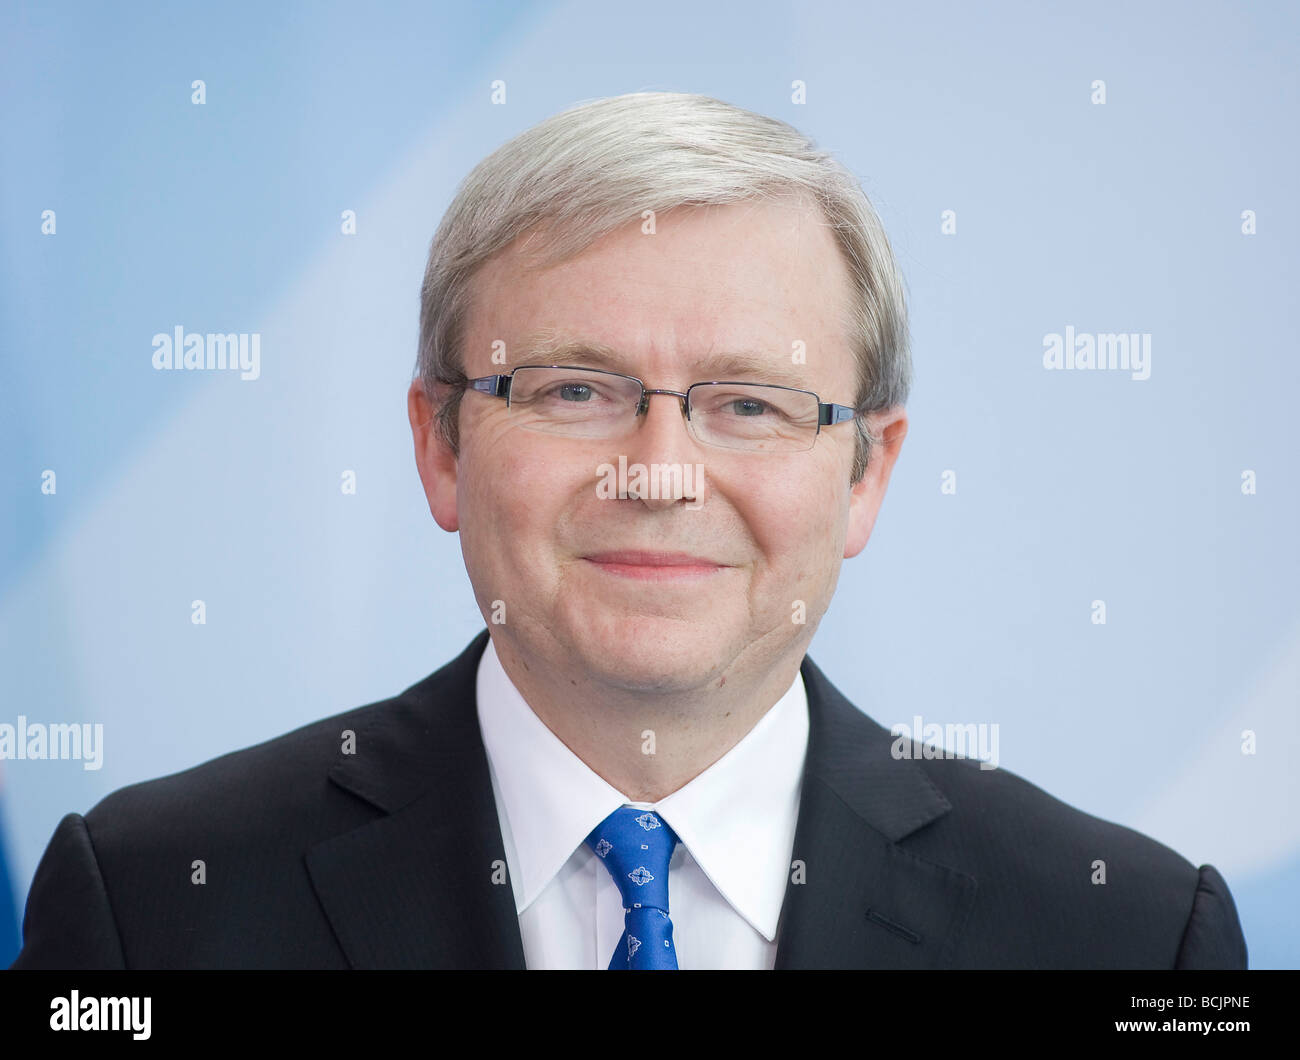 Kevin RUUD , Premierminister von Australien - Stock Image